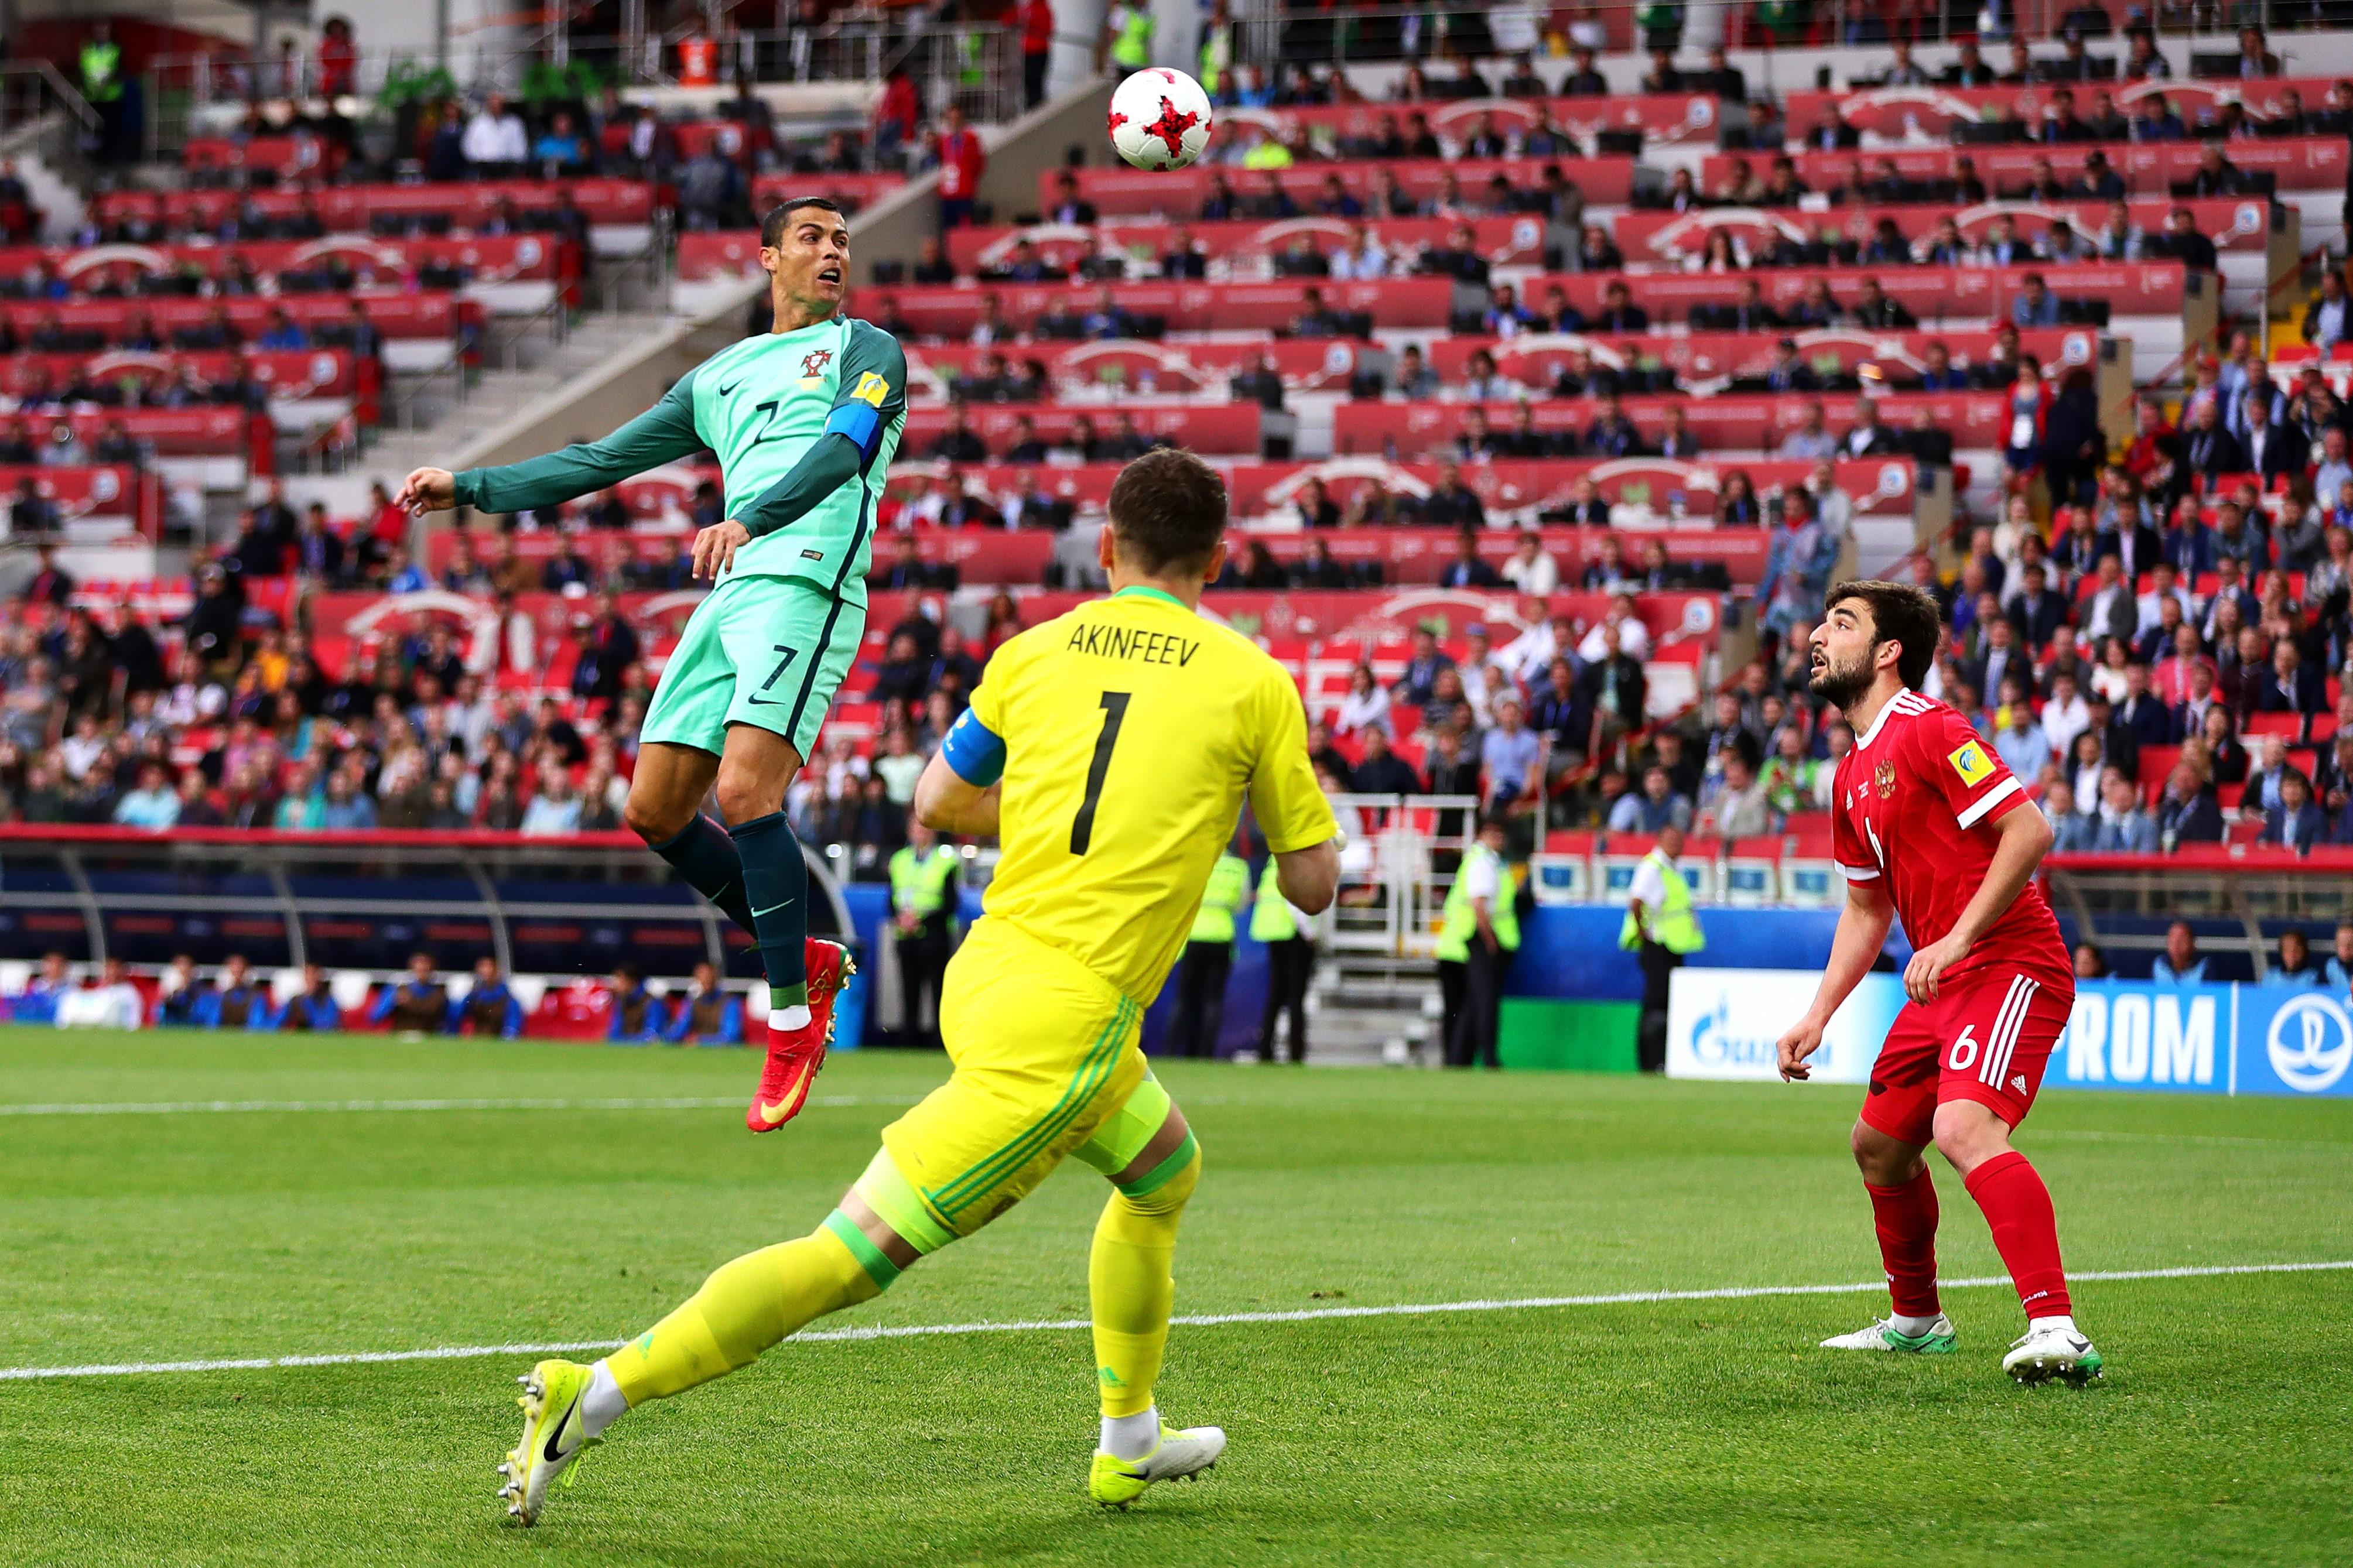 Роналду бьет головой (Россия – Португалия)